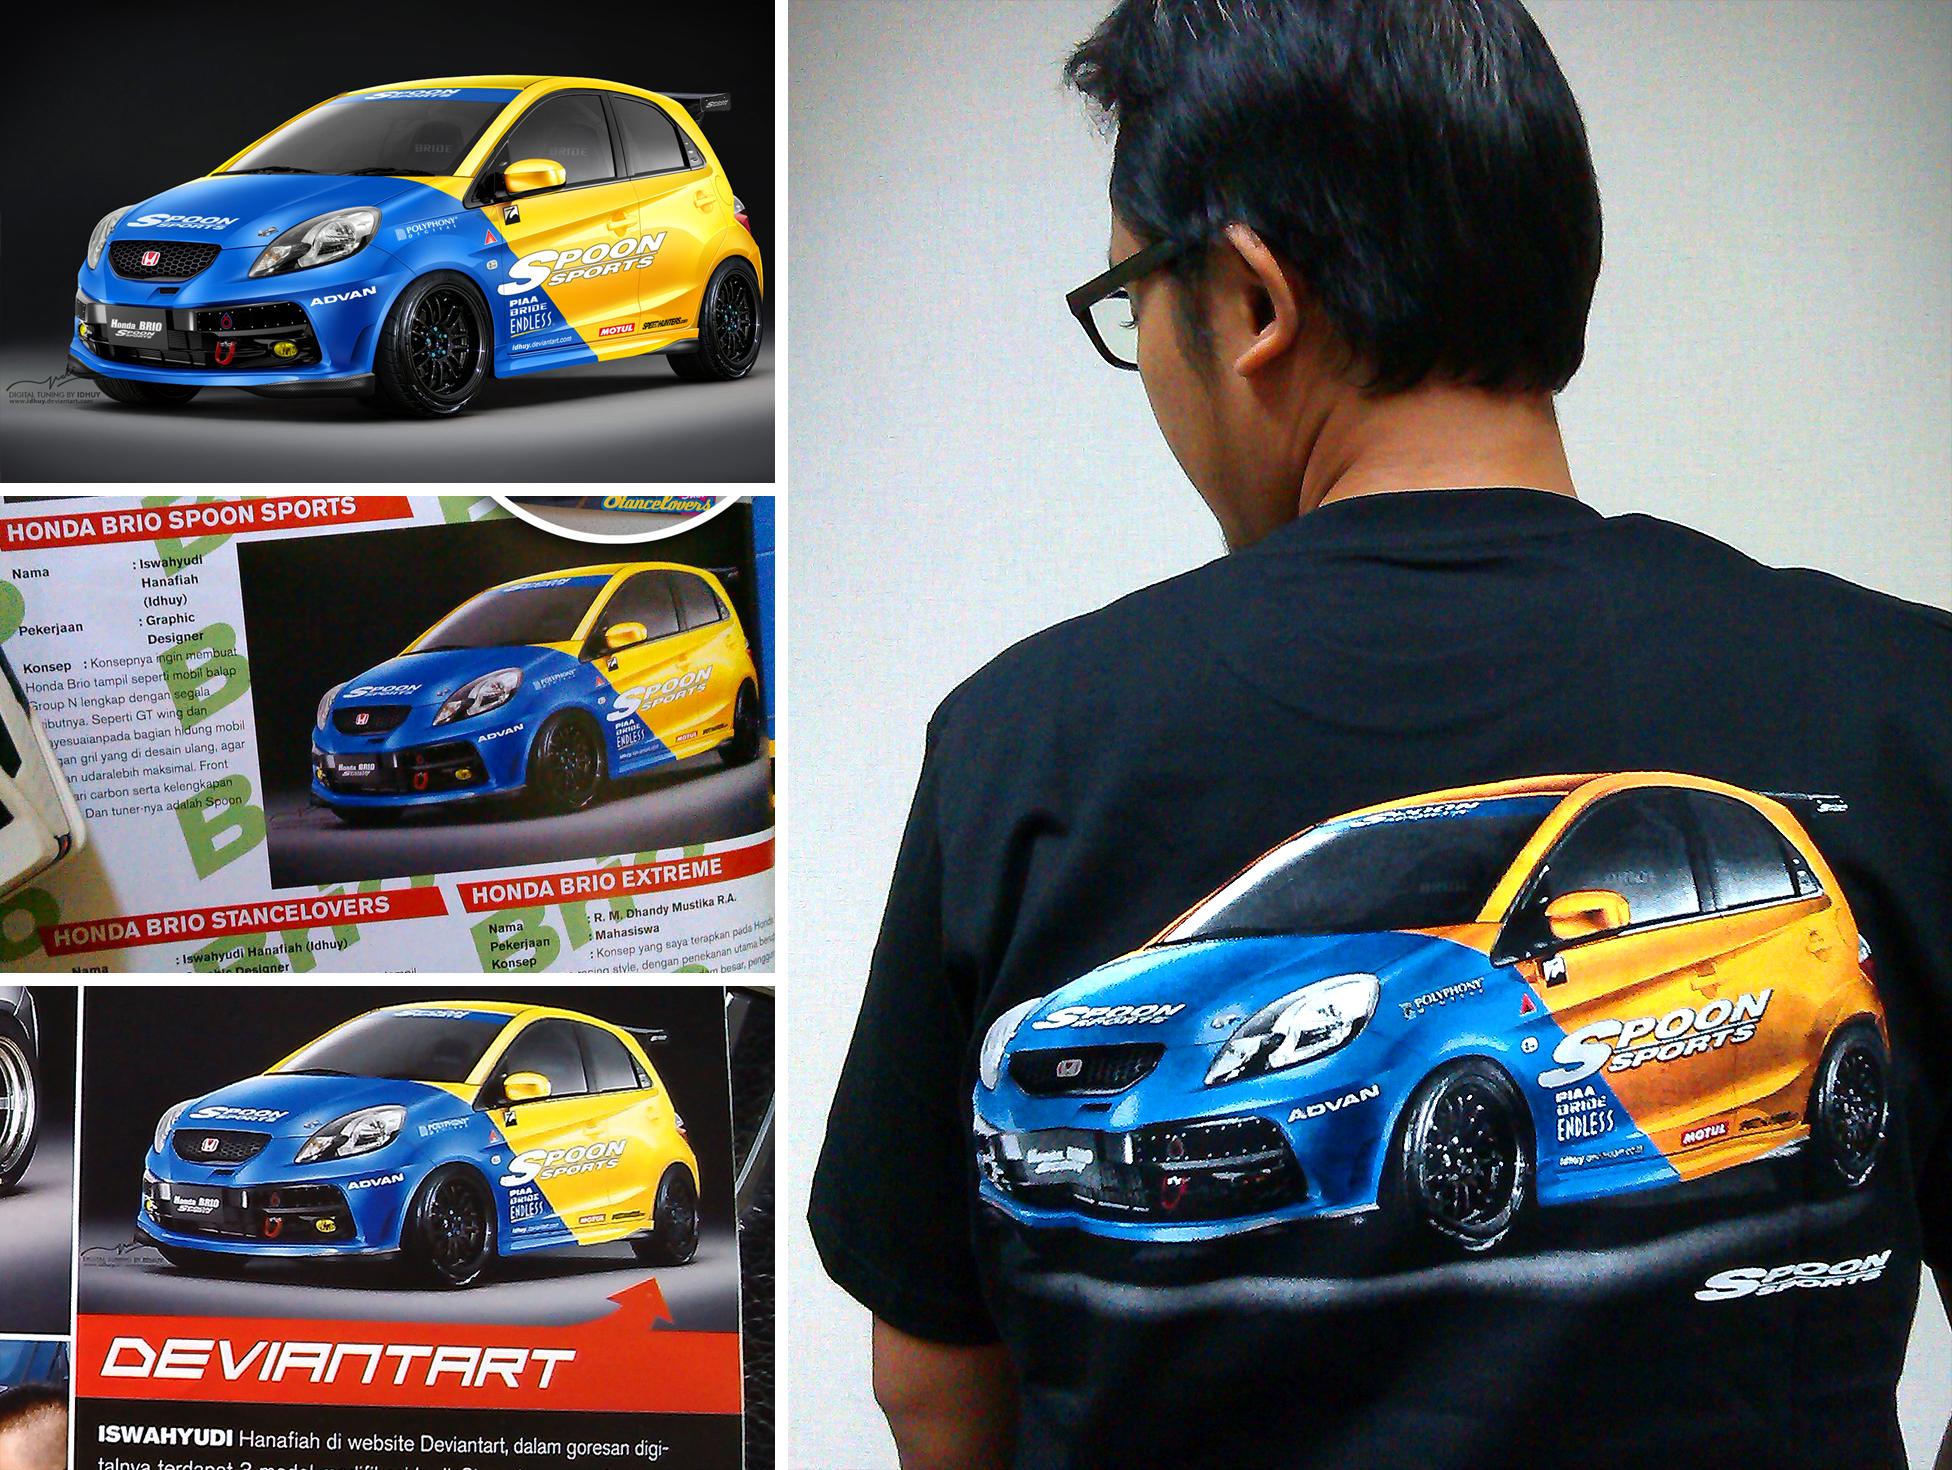 Honda Brio T-shirt by idhuy